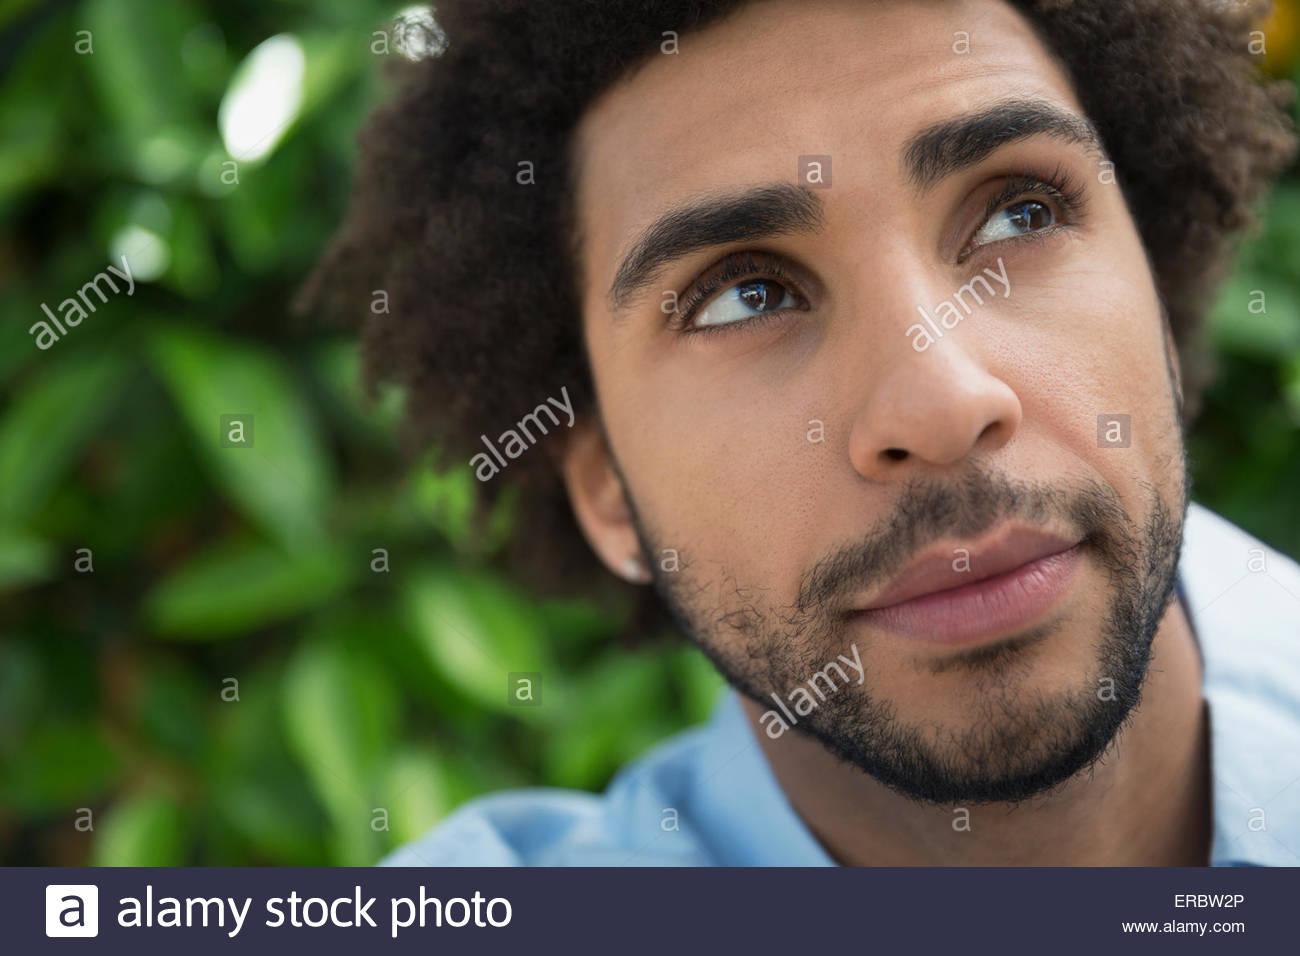 Porträt nachdenklicher Mann blickte hautnah Stockbild